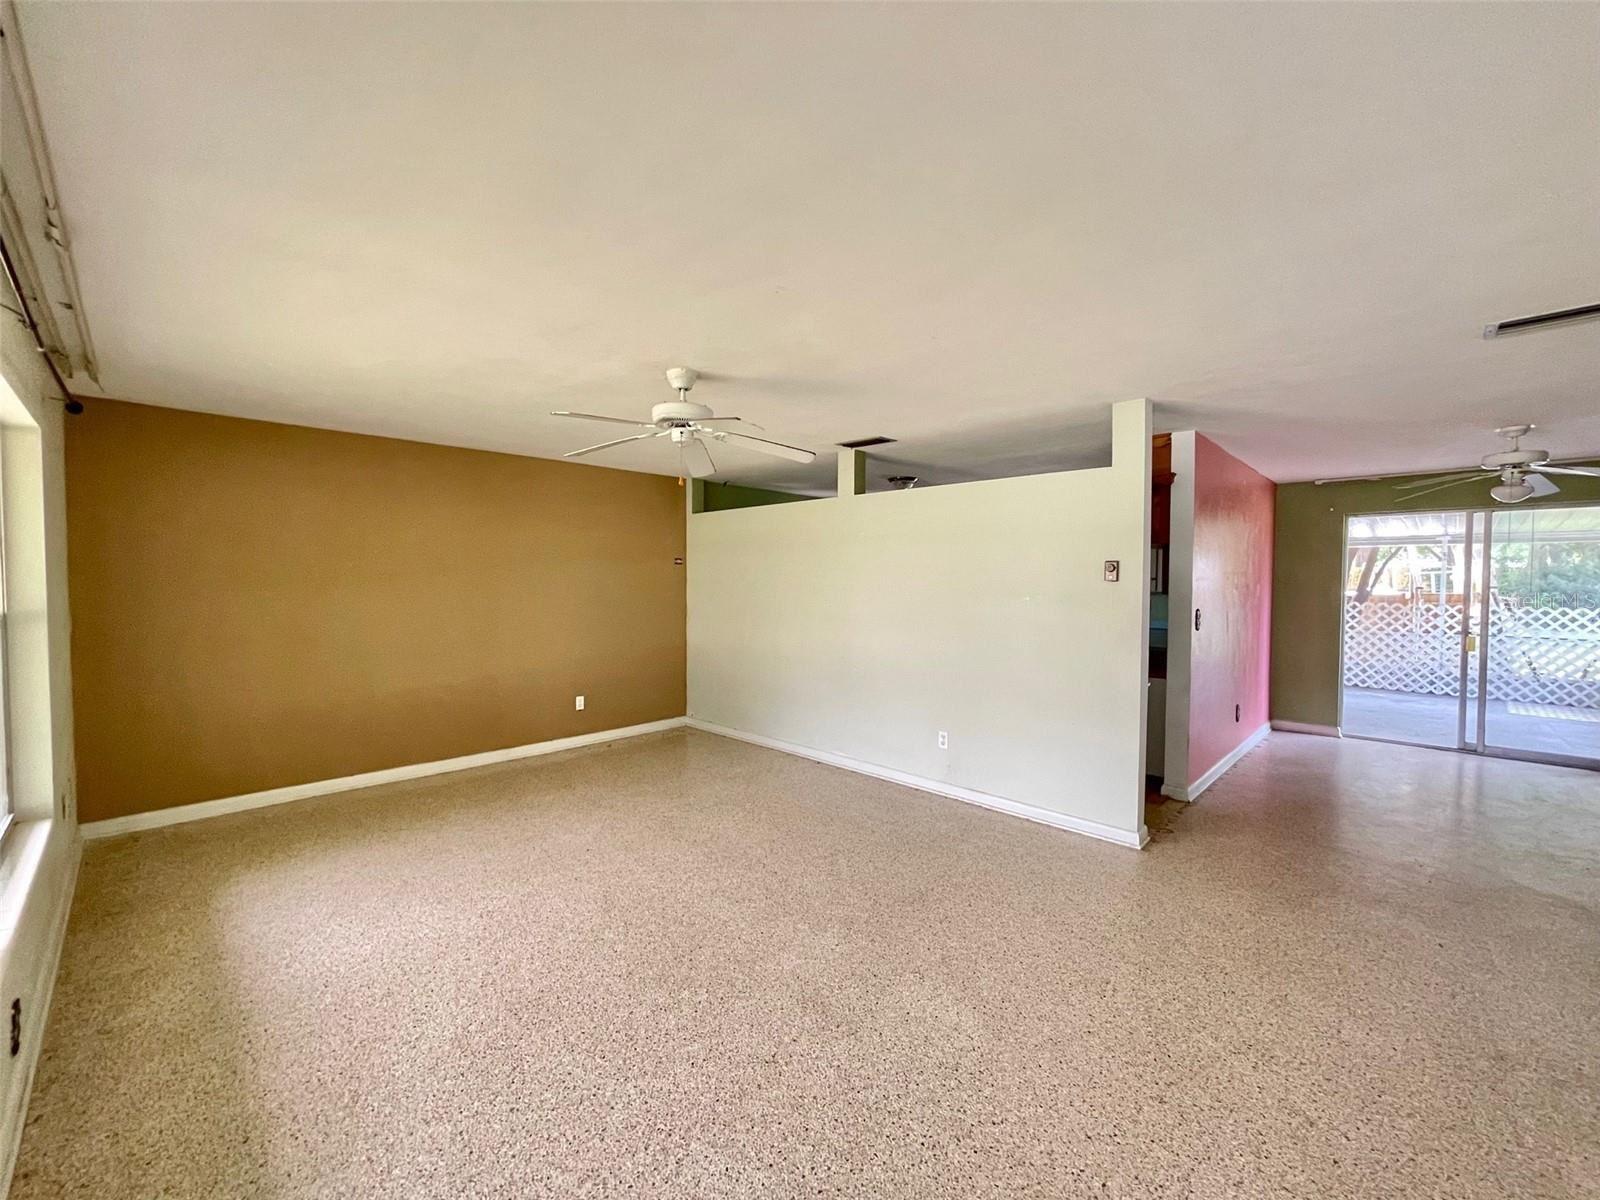 Photo of 2220 SE 1ST STREET, ORANGE CITY, FL 32763 (MLS # V4919815)